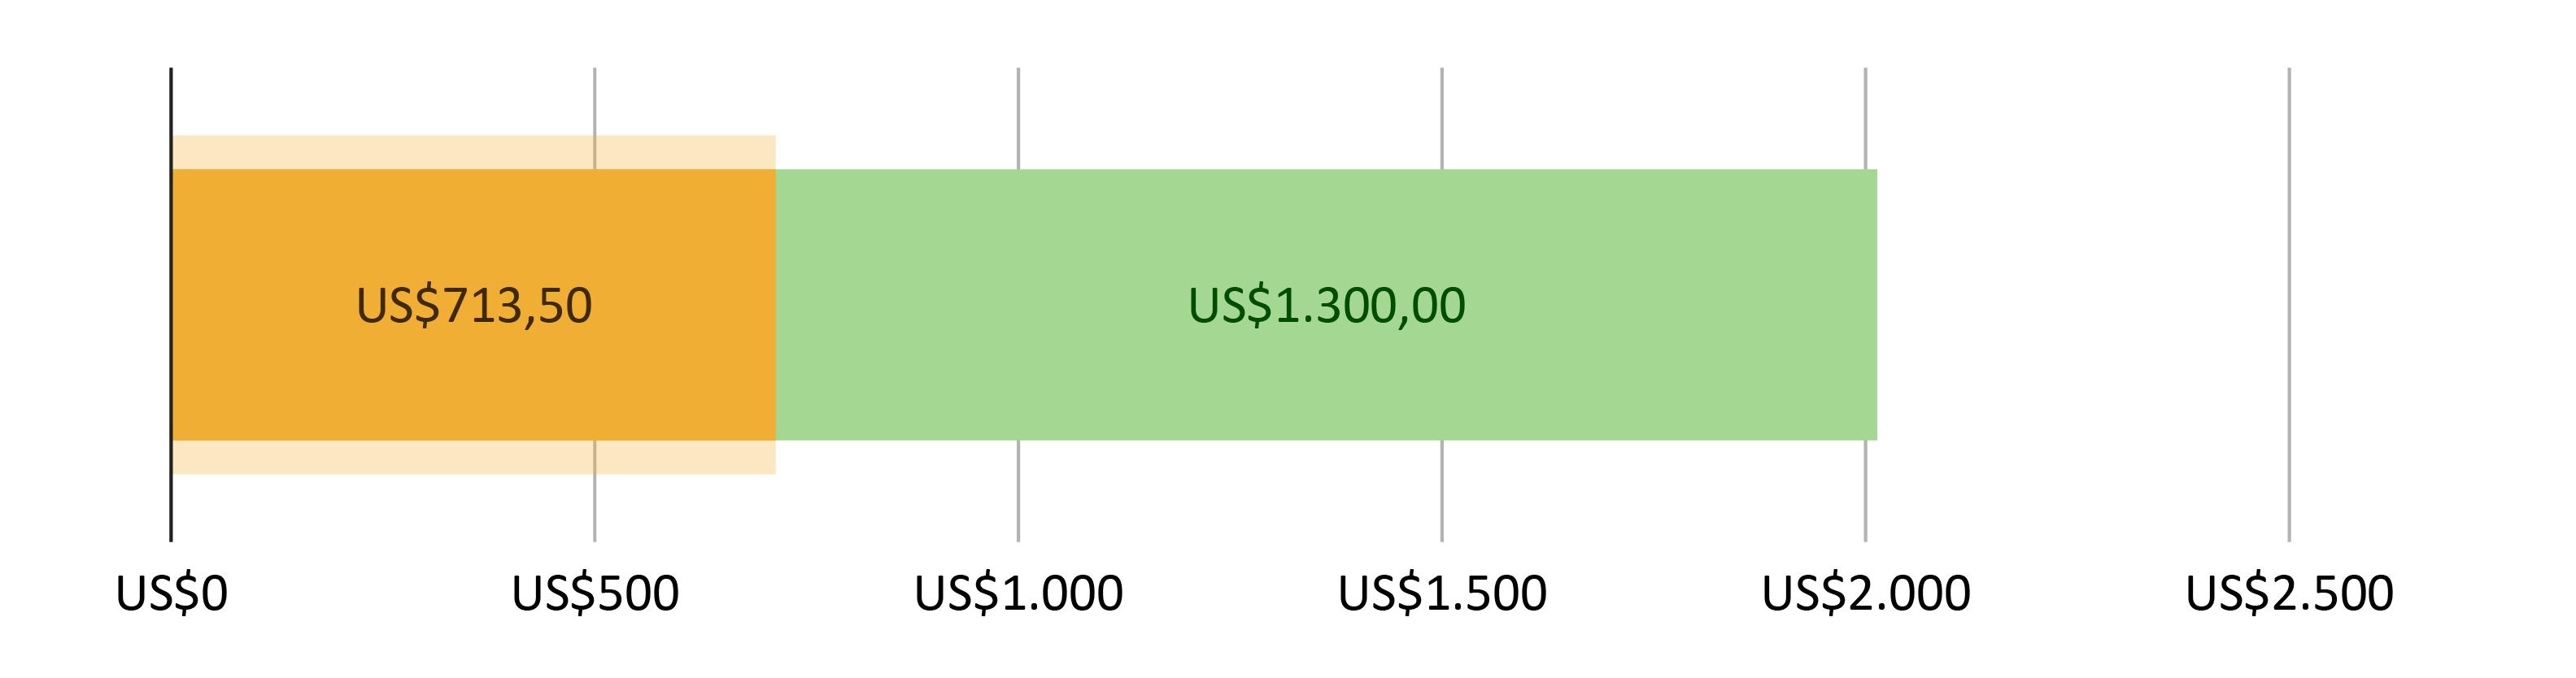 US$713,50 gastos; mais US$1.300,00 previstos